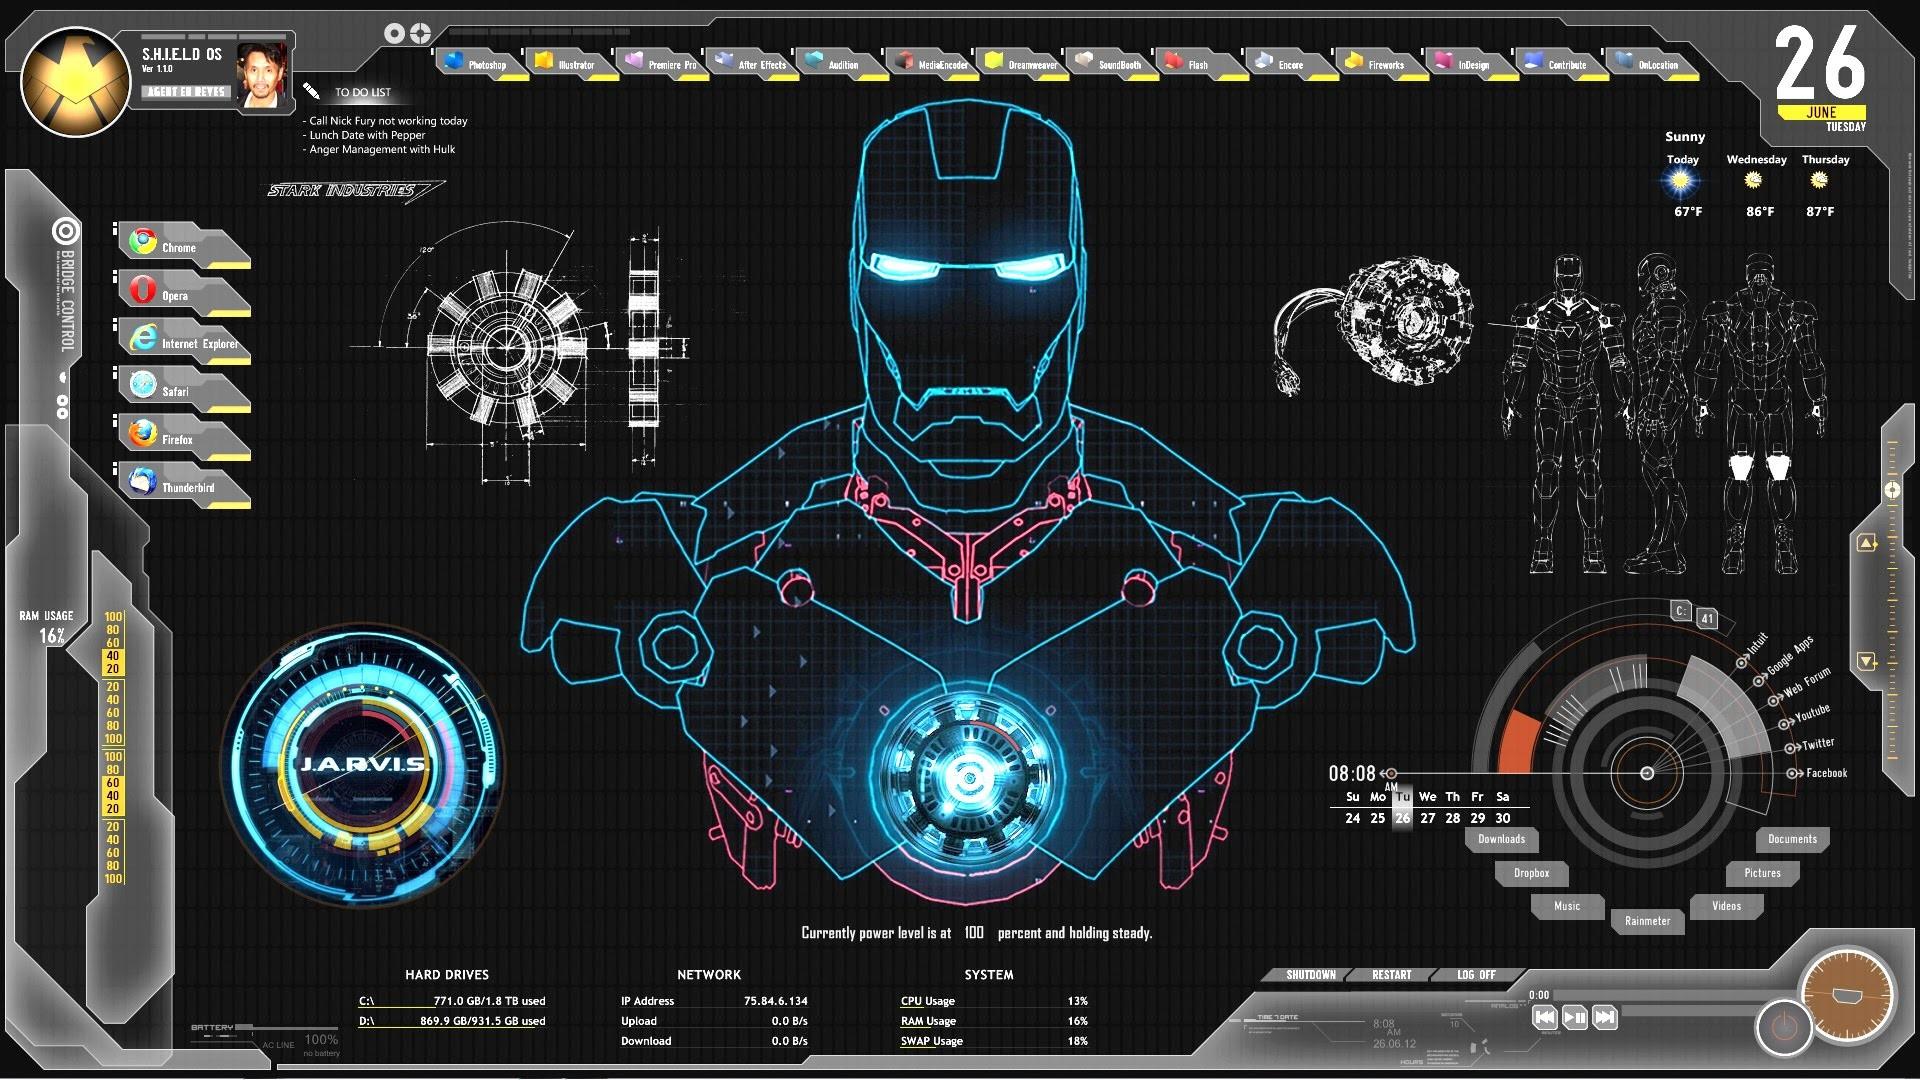 Windows 10 Futuristic Wallpaper (70+ Images